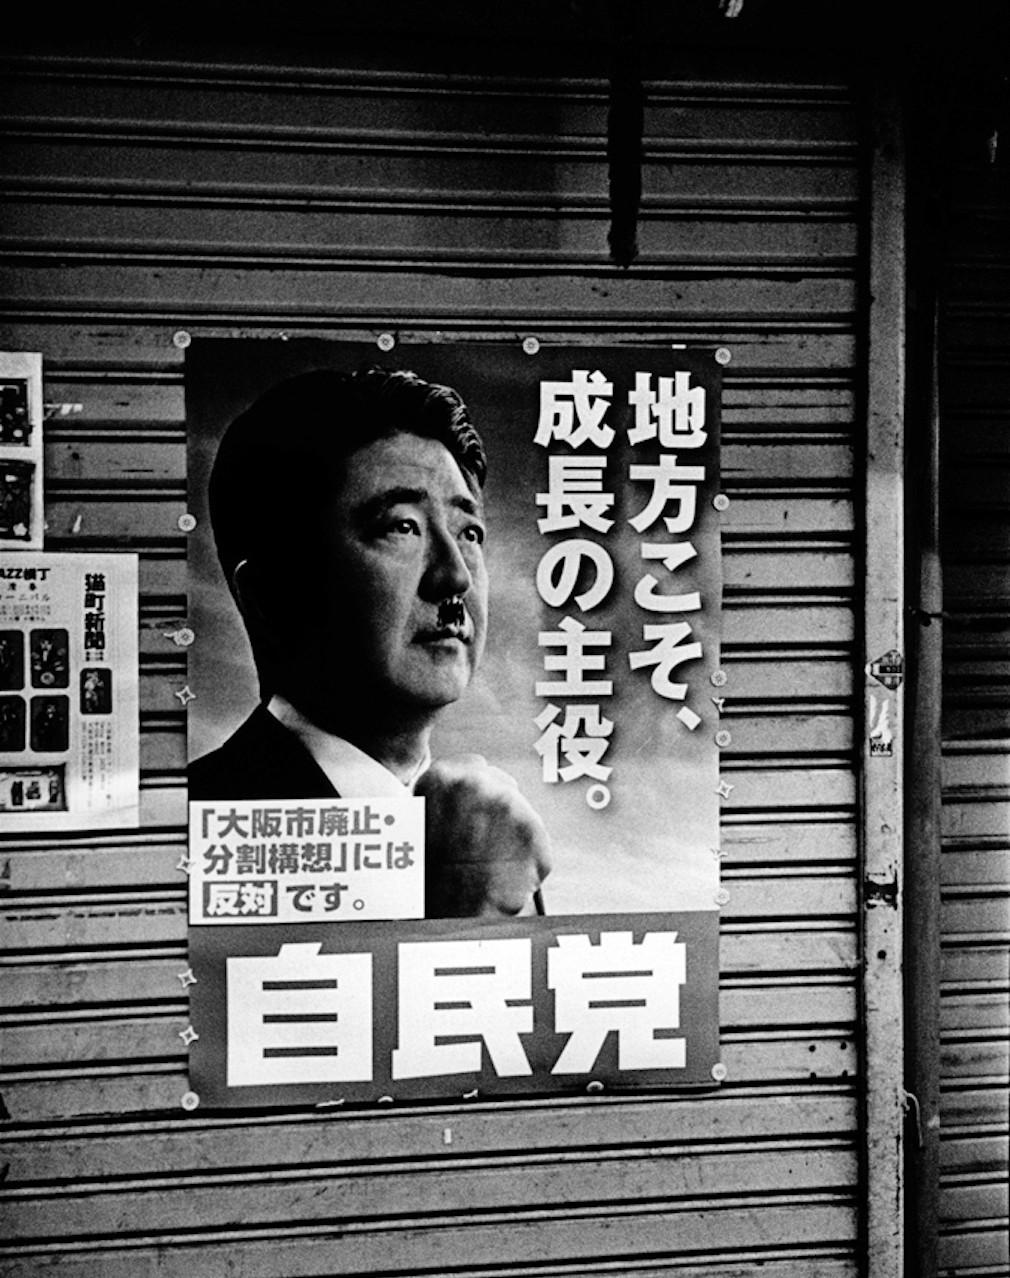 Janjan Yokocho alley - Poster Abe Shinzo